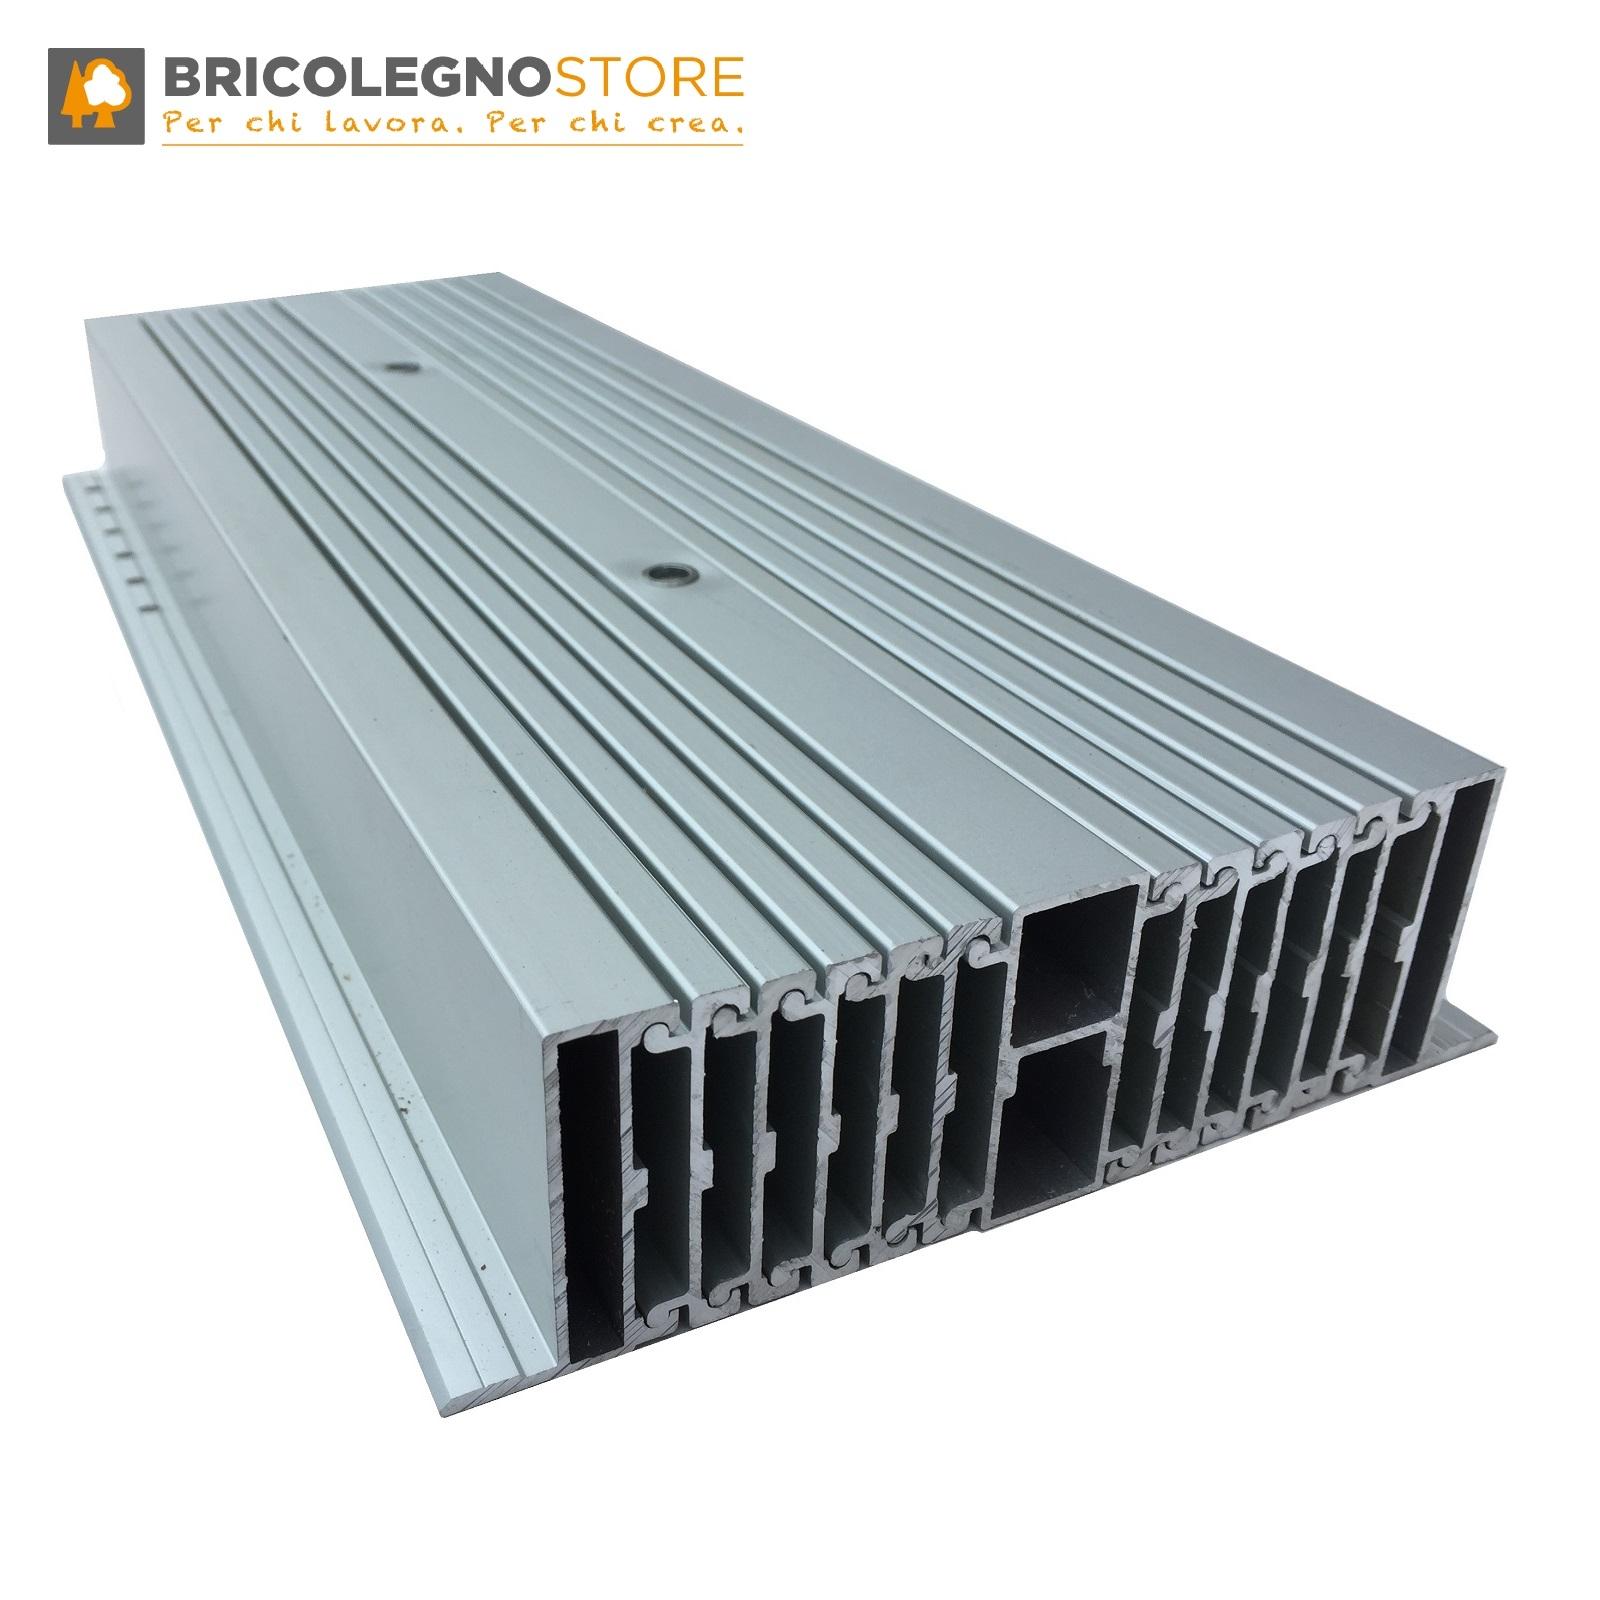 Guide Per Tavolo Allungabile.Guide Allungabili Telescopiche In Alluminio 16 Elementi 290 Cm Per Tavoli Estensibili E Consolle